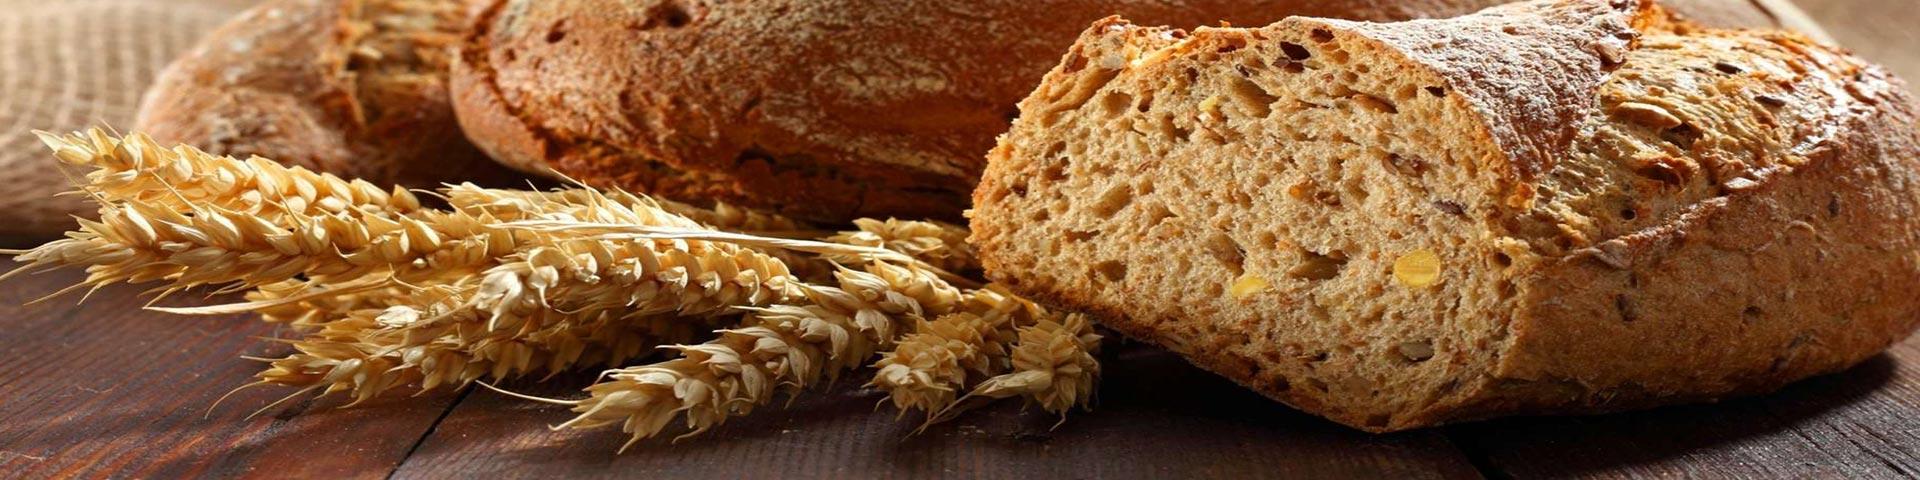 Всё о хлебе